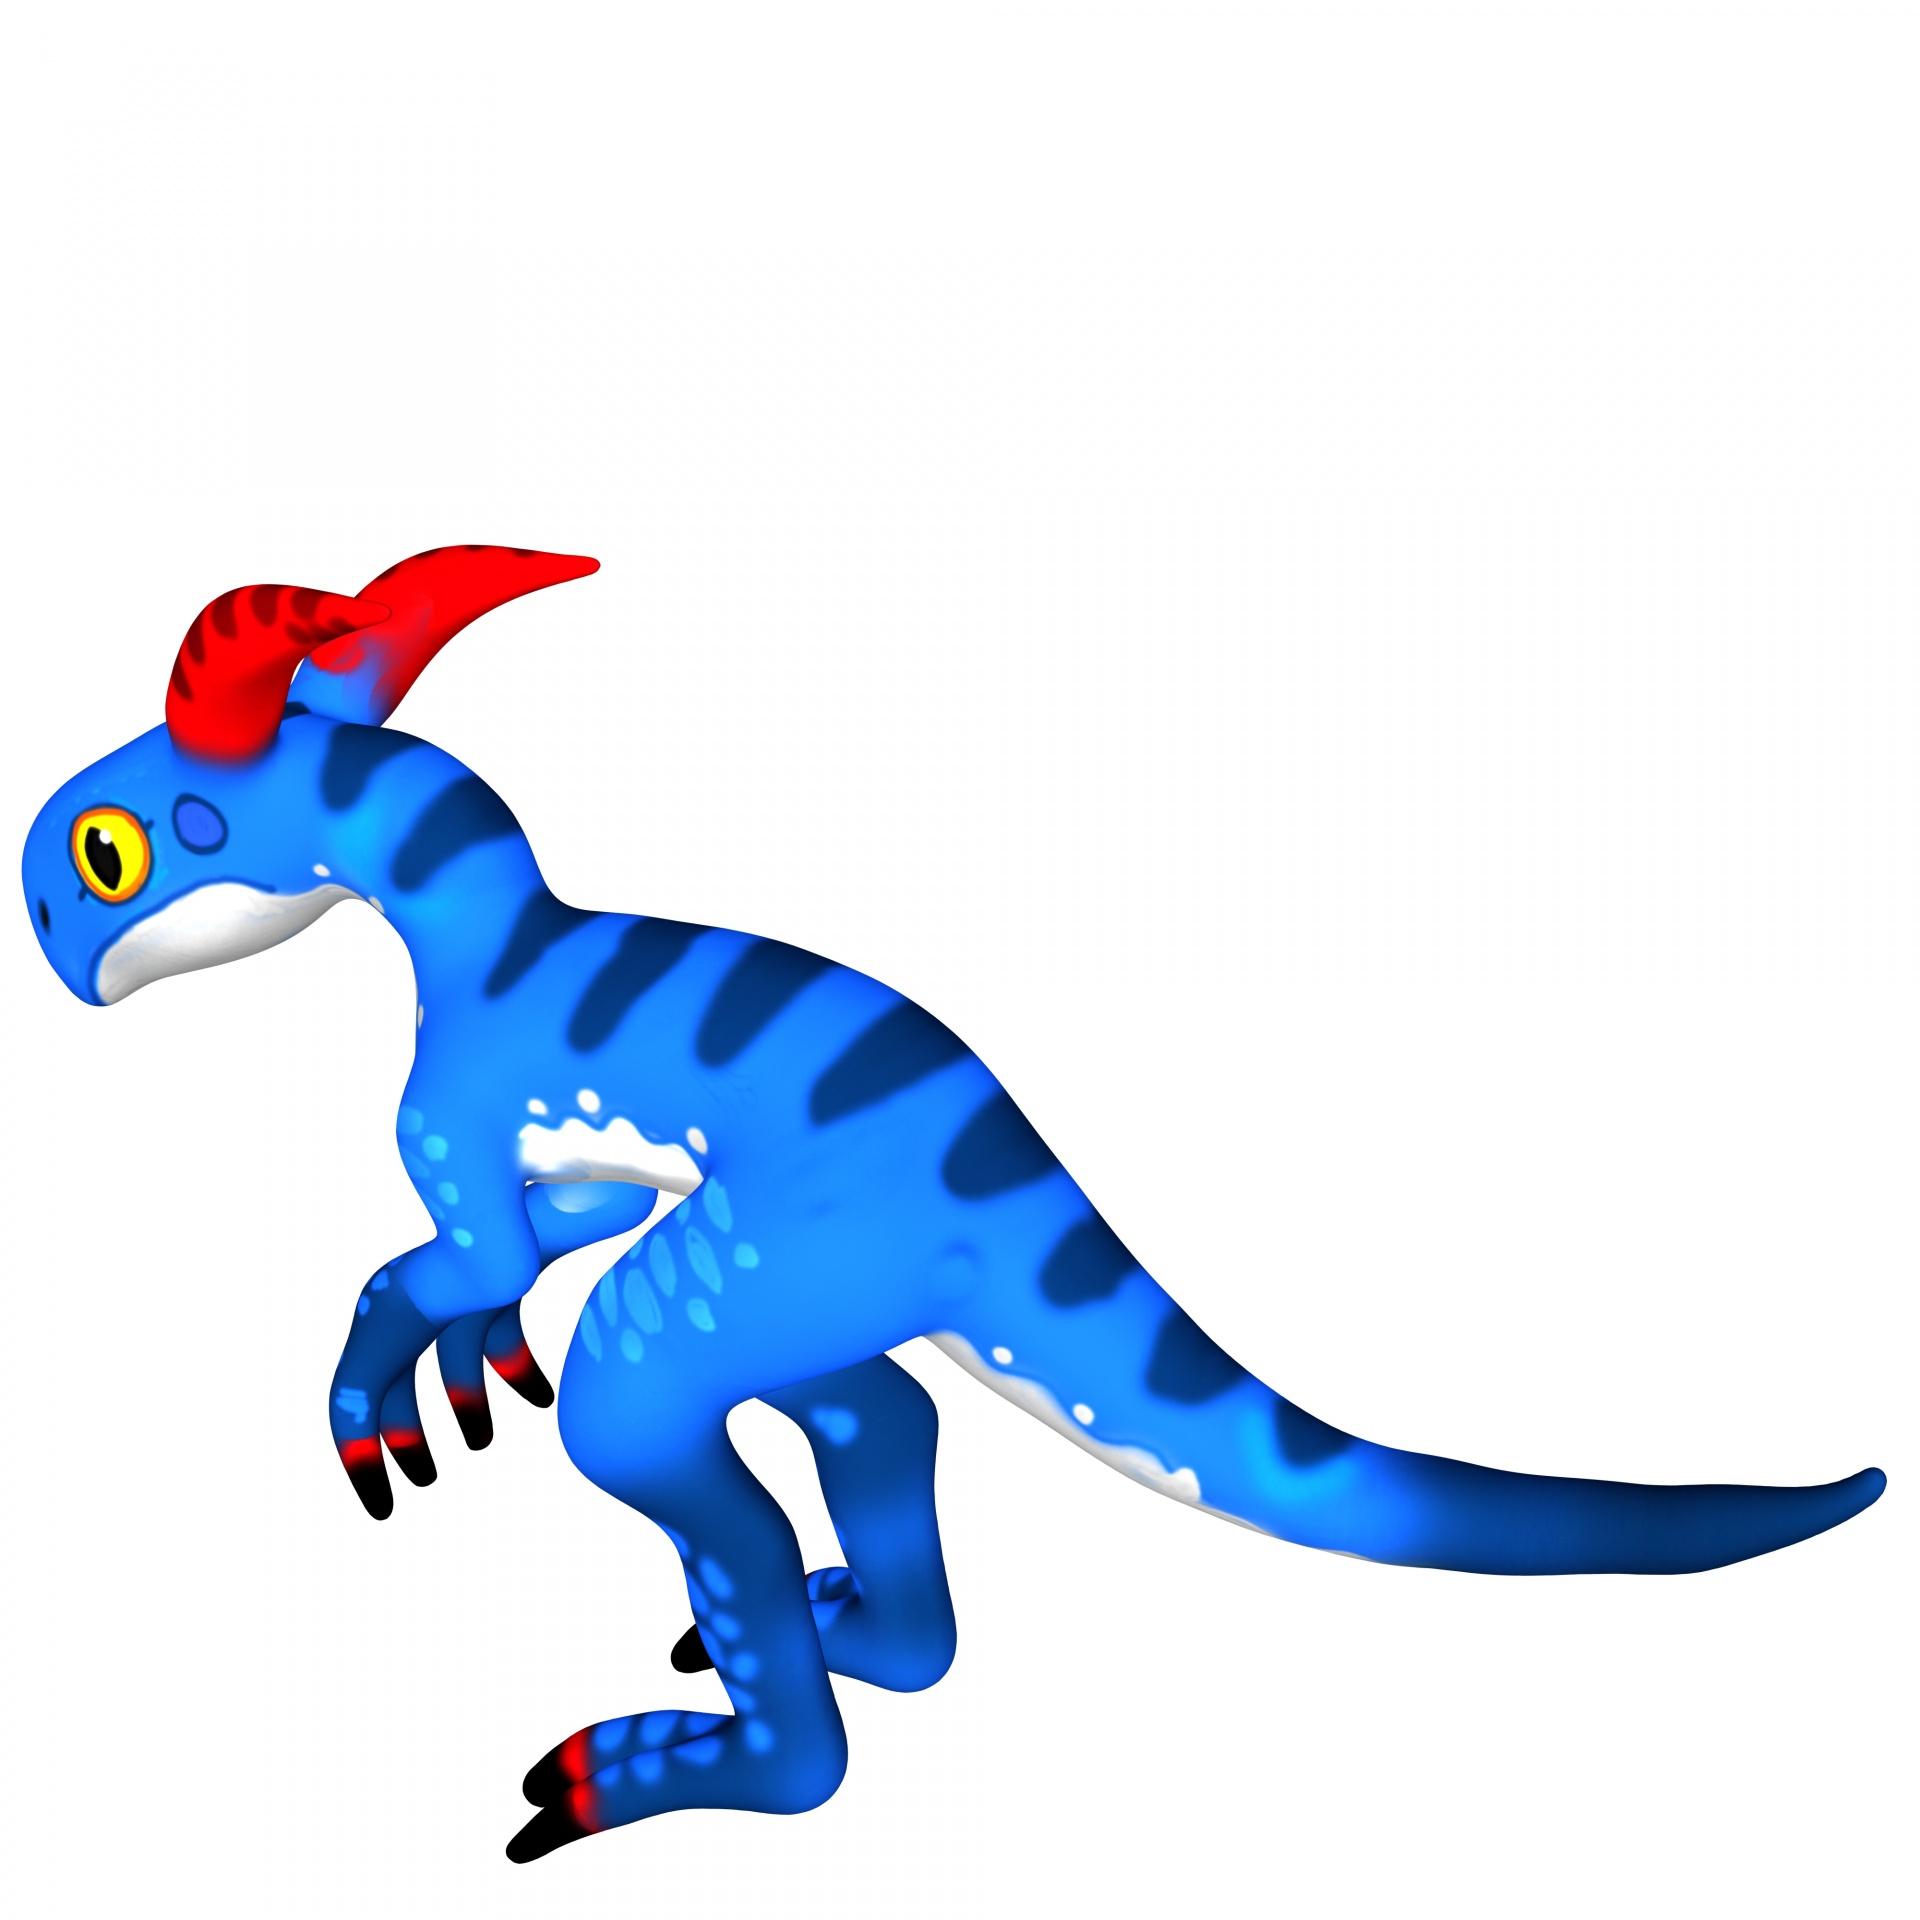 Blue Dragon clipart #13